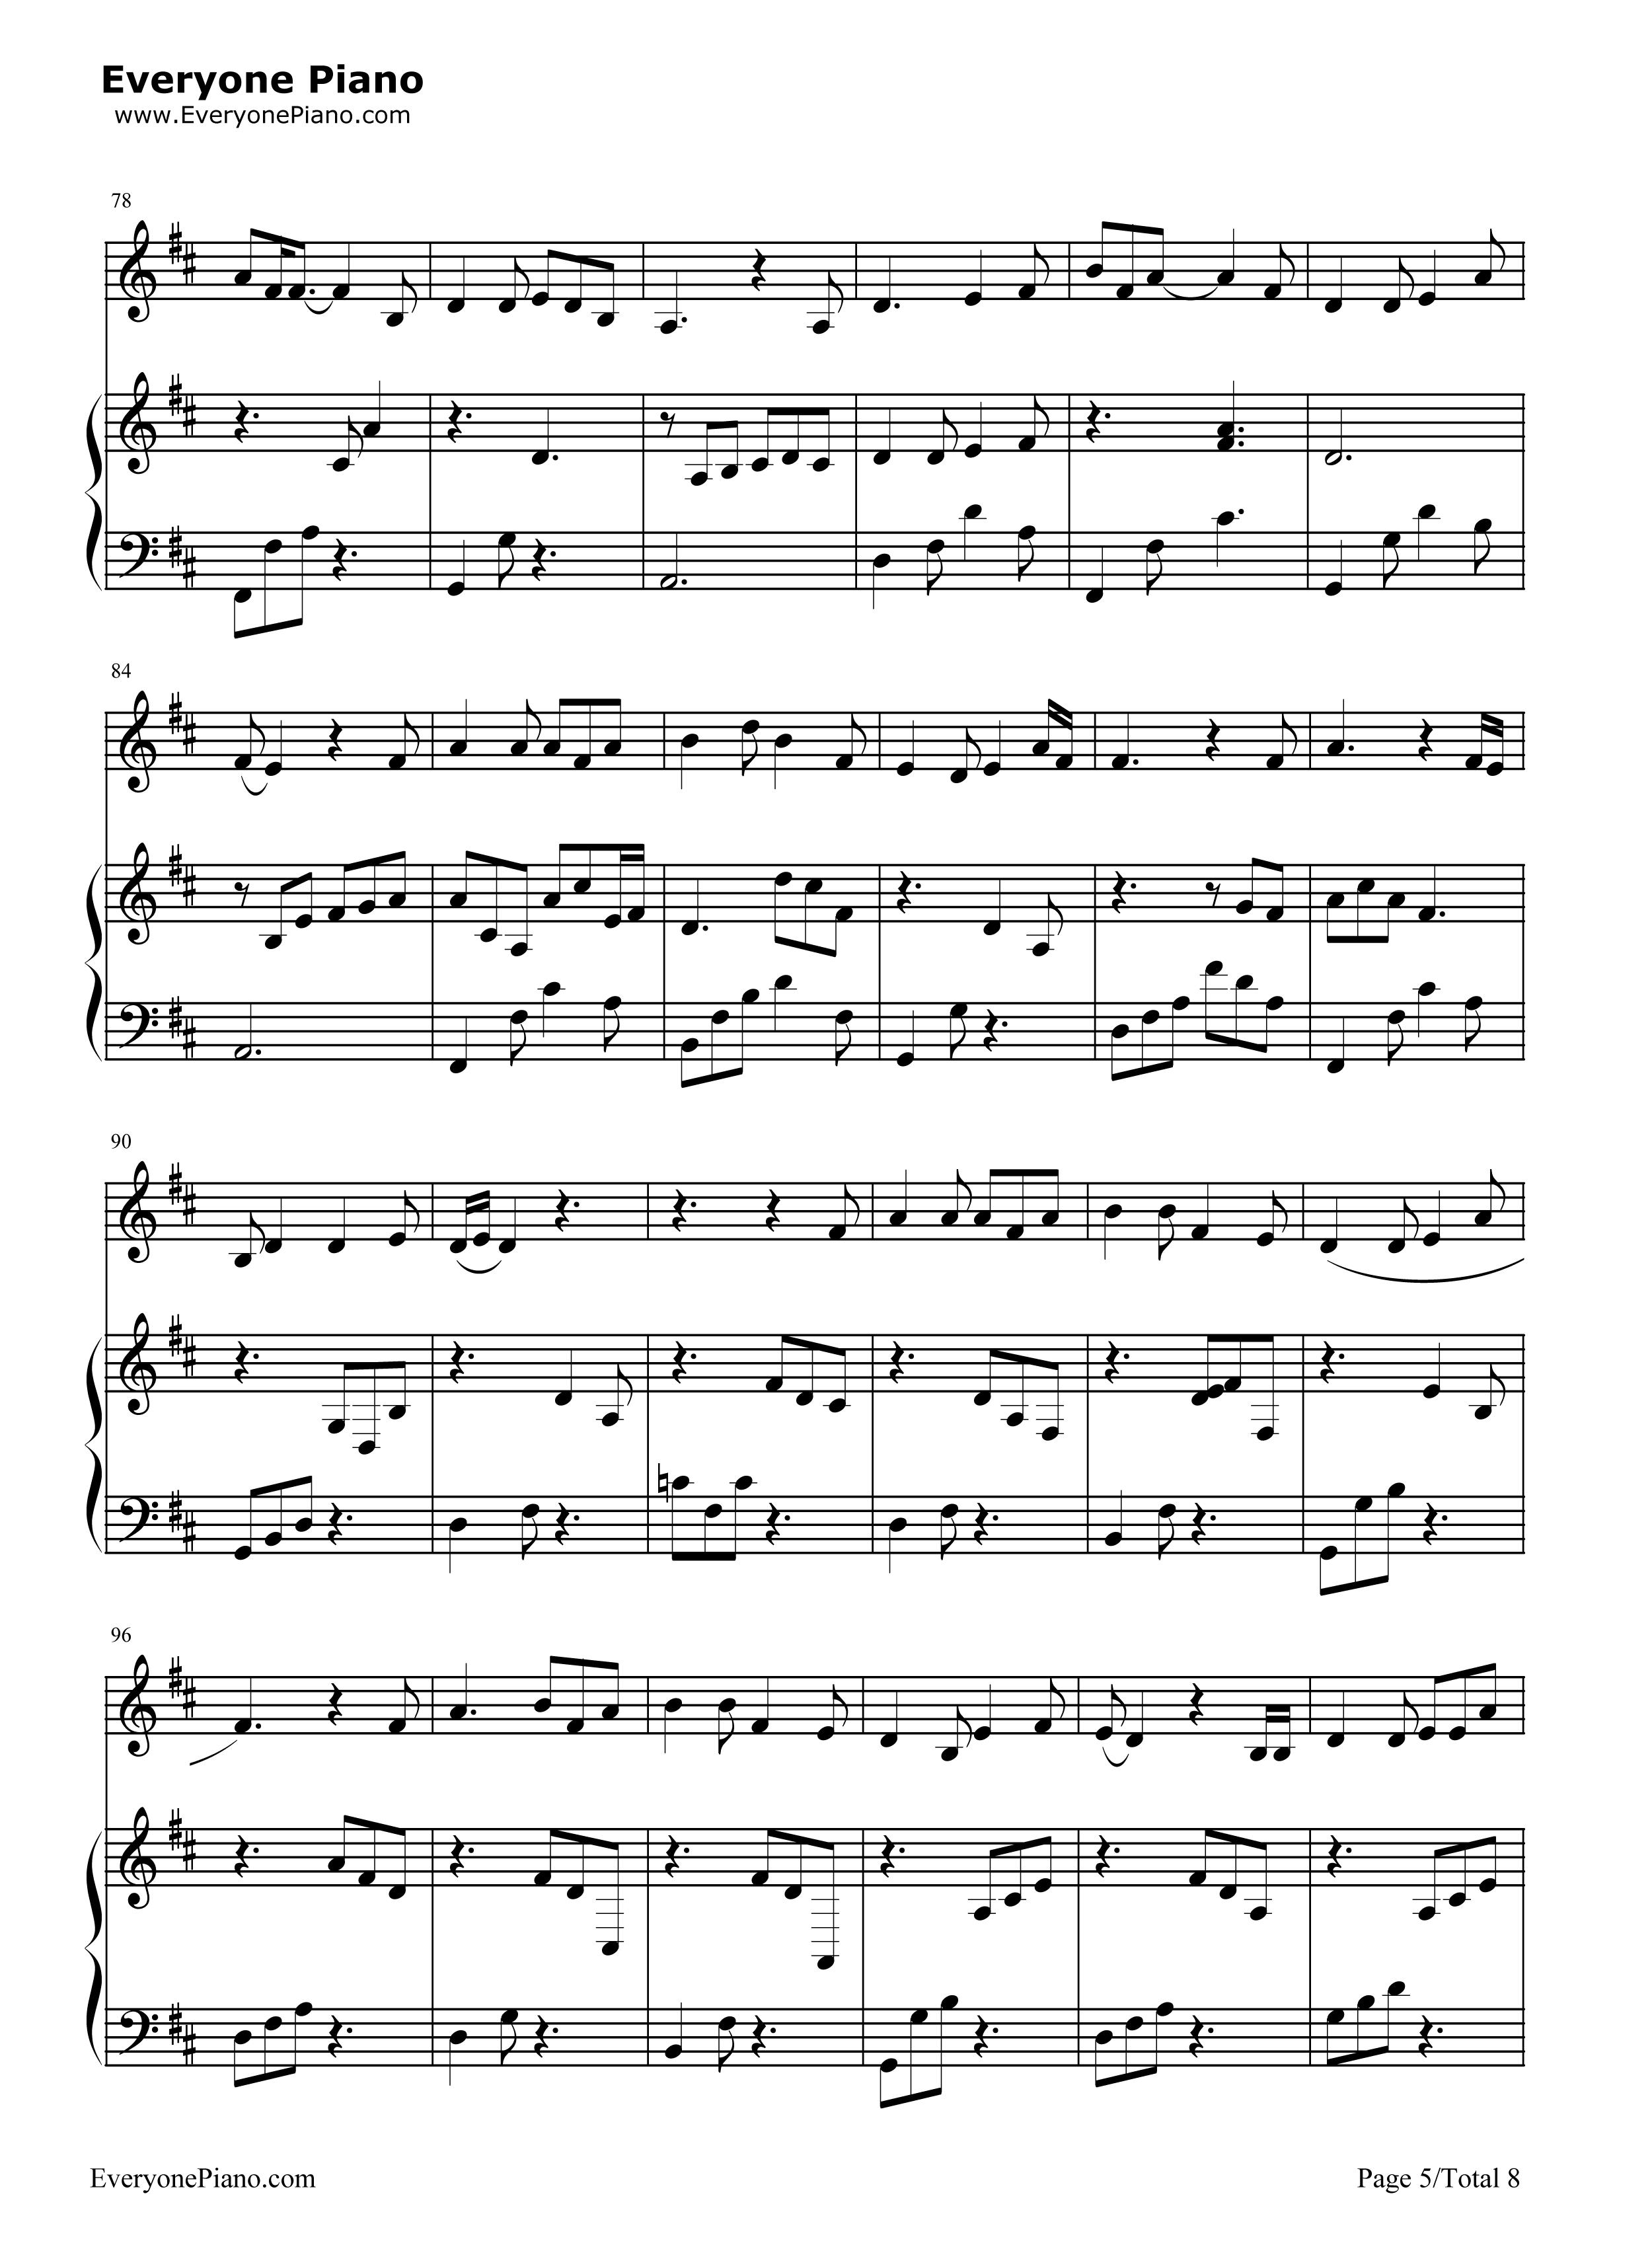 钢琴曲谱 流行 成都-弹唱版 成都-弹唱版五线谱预览5  }  仅供学习